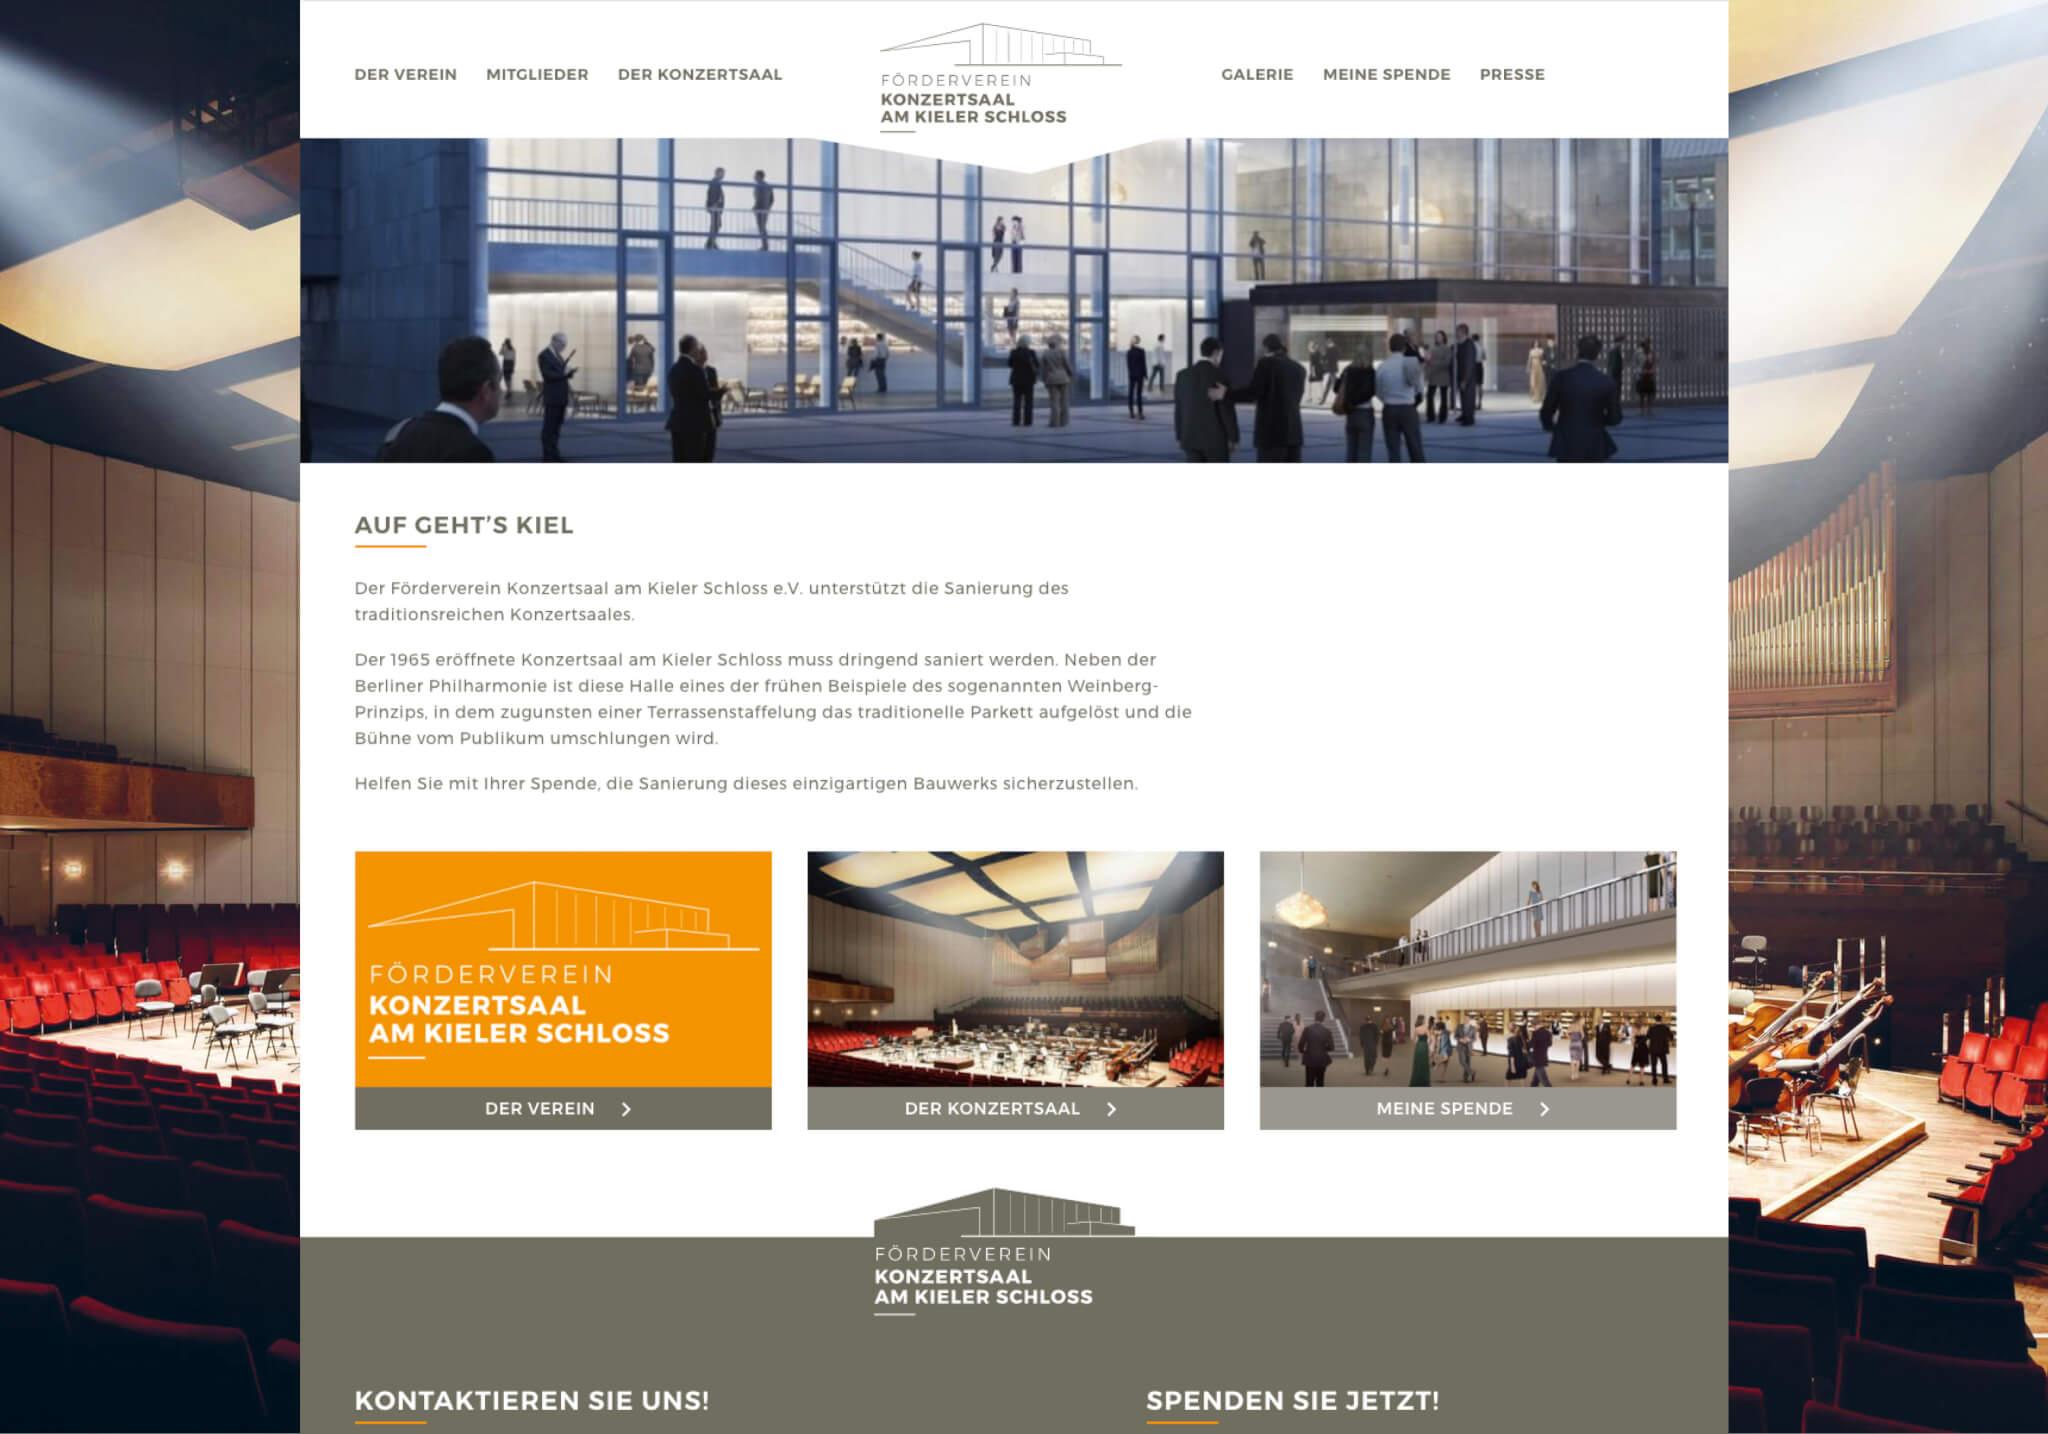 Stamp_Media_Foerderverein_Konzertsaal_am_Kieler_Schloss_750x525px-4